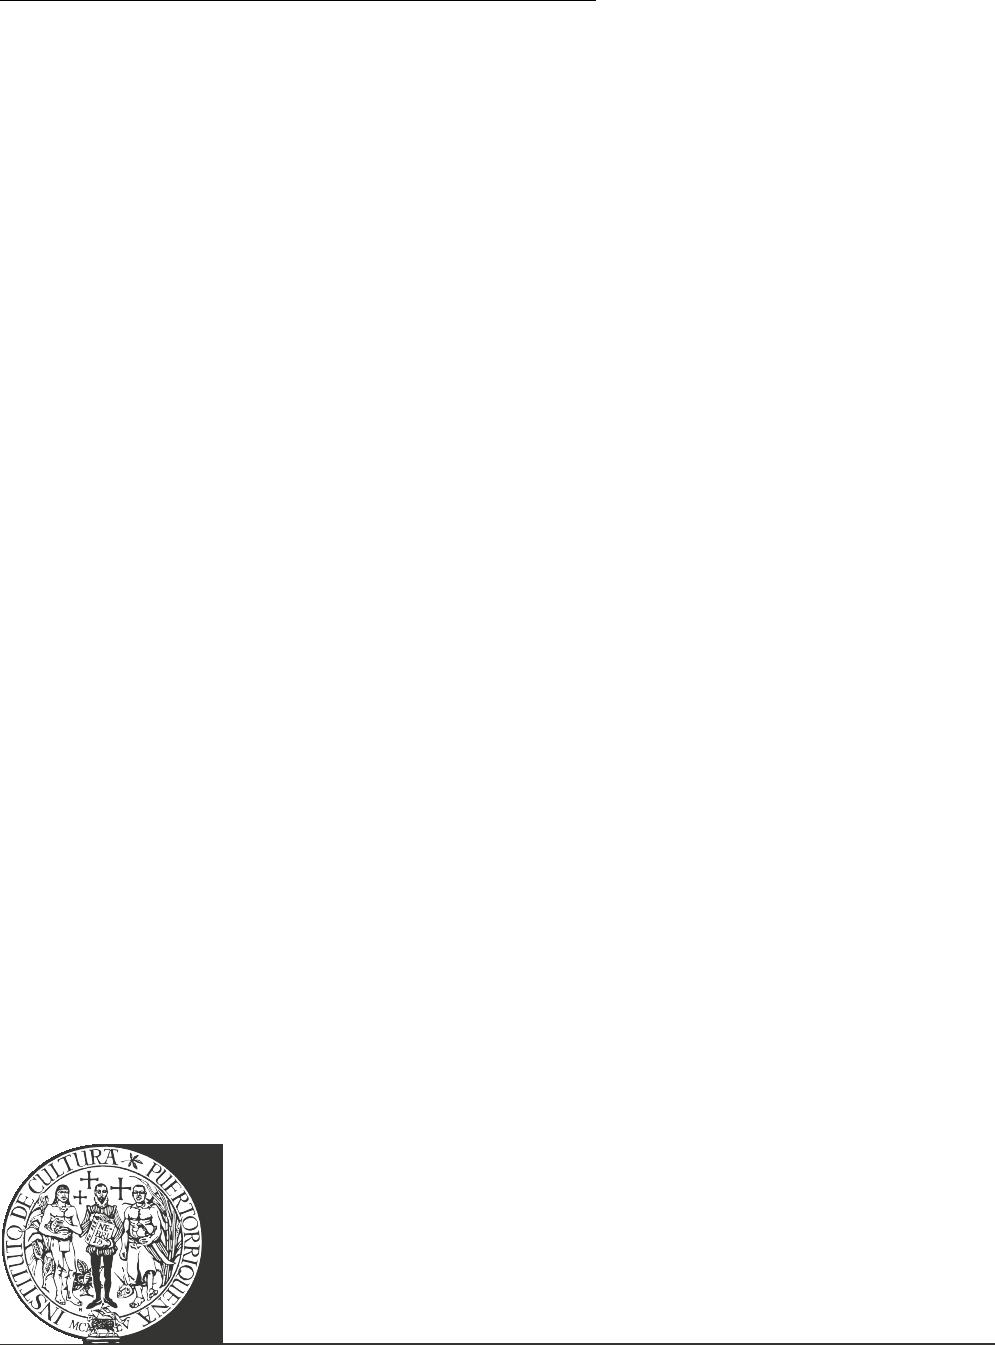 meca2008b.png